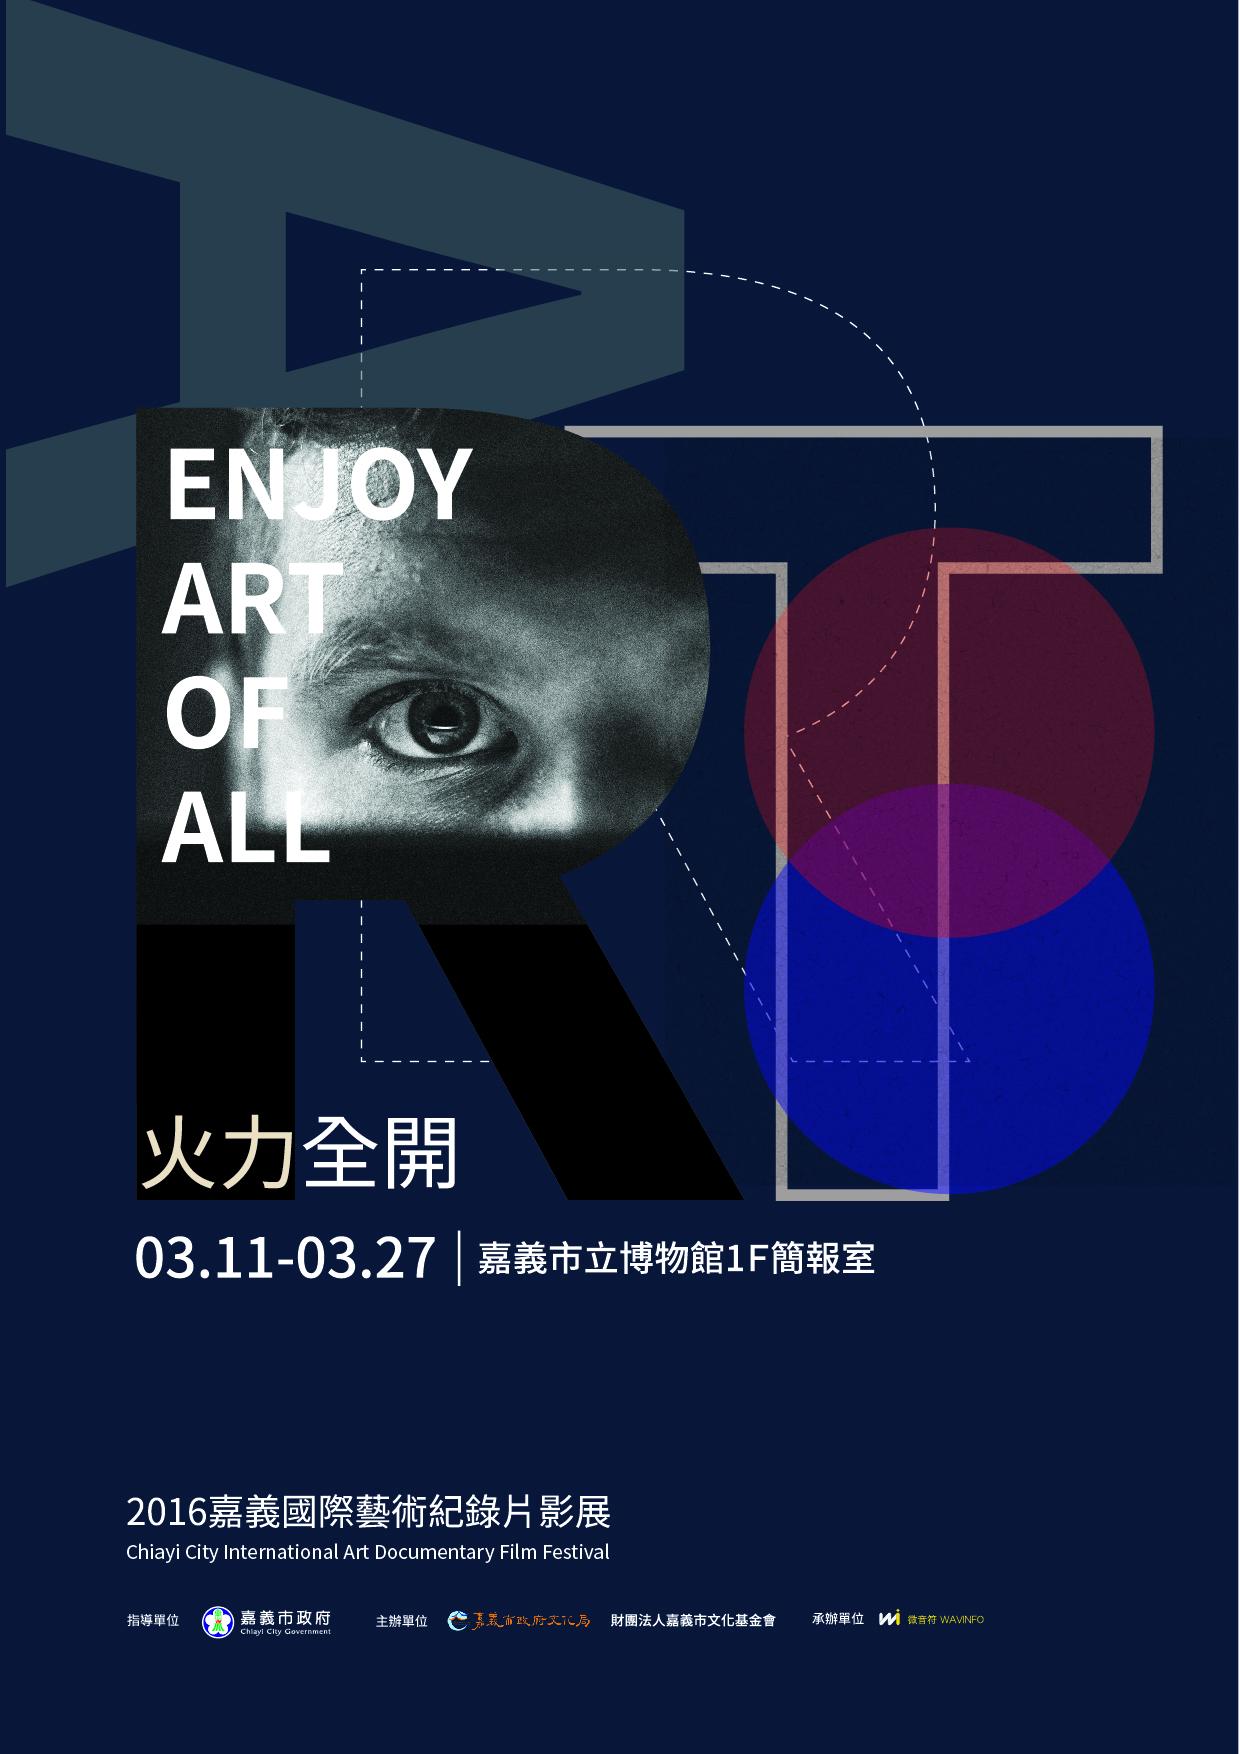 2016嘉義國際藝術紀錄片影展  火力全開